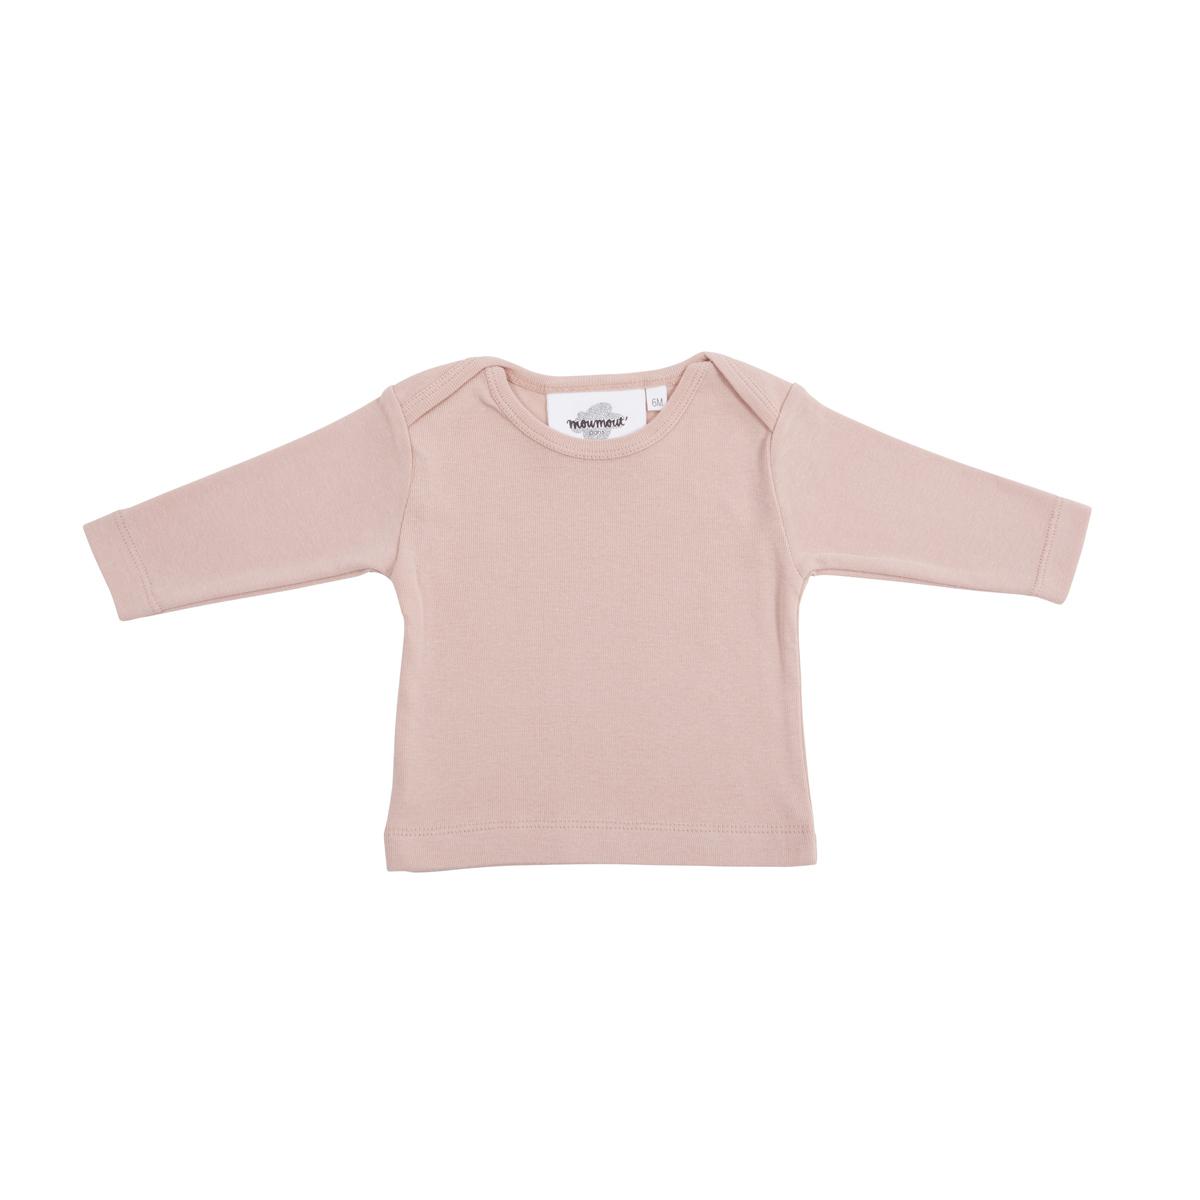 Hauts bébé T-Shirt Manches Longues Mü - Nu - 18 Mois T-Shirt Manches Longues Mü - Nu - 18 Mois